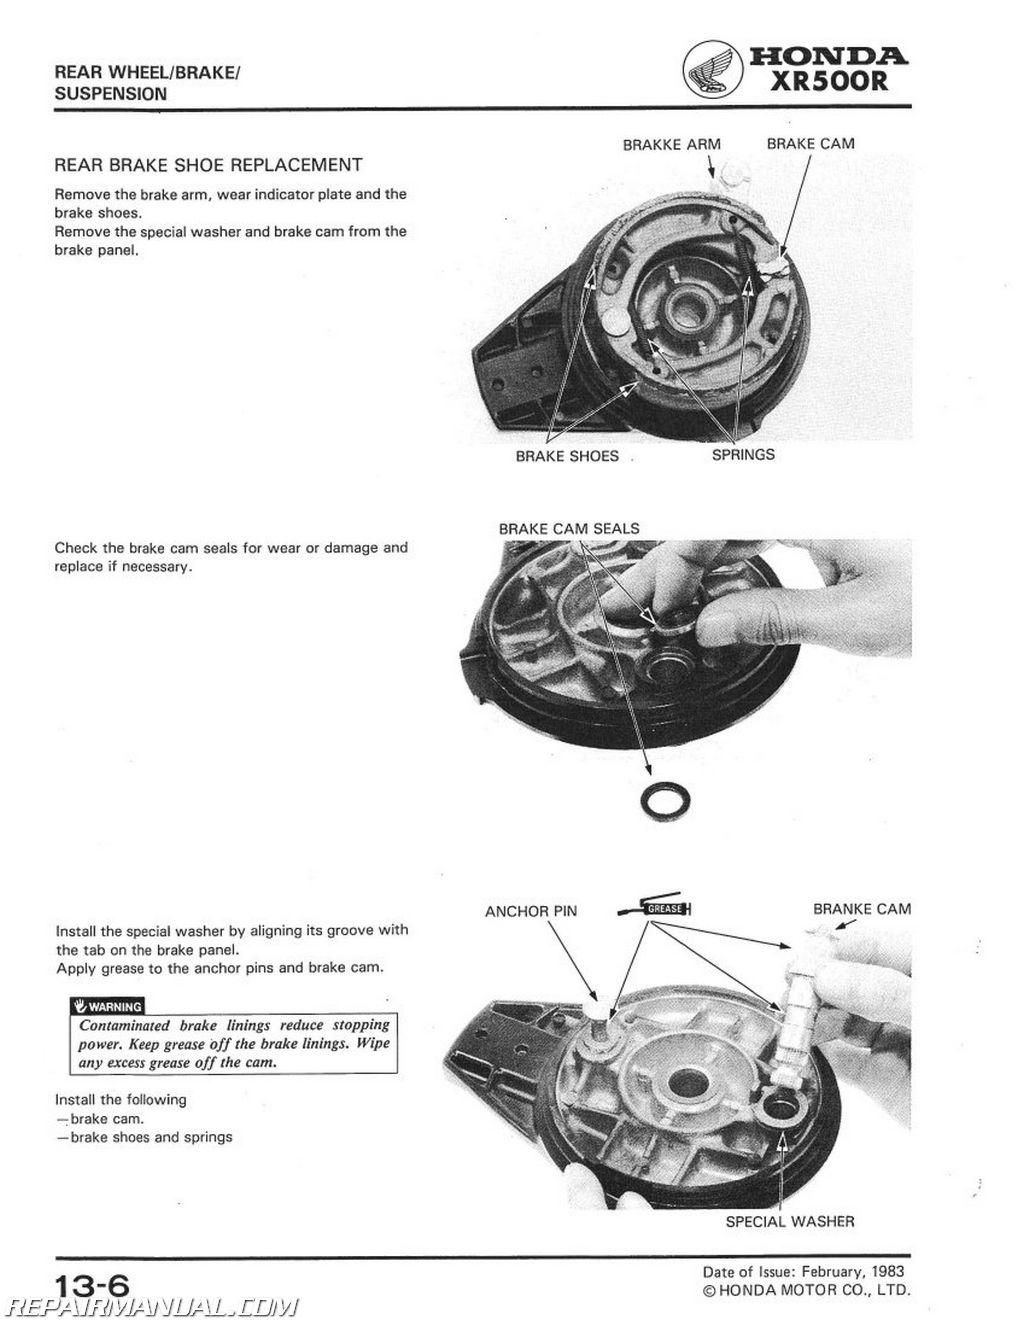 1982 Honda Xr500r Repair Manual